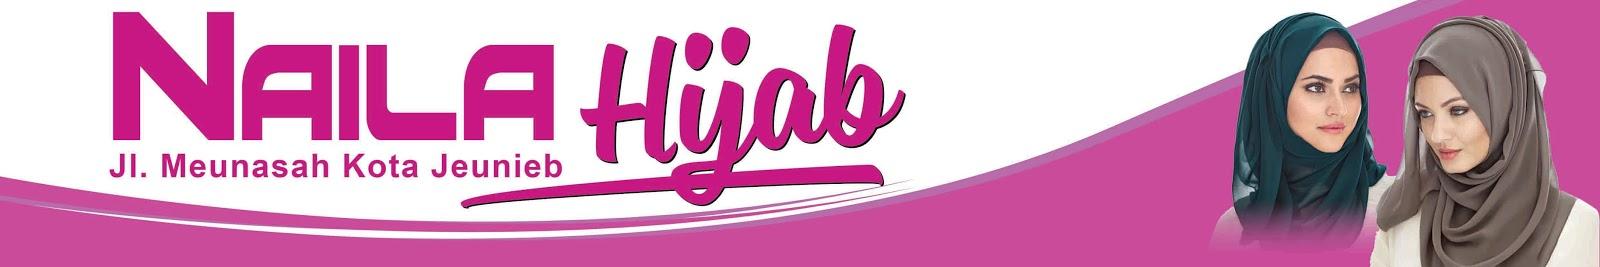 Contoh Desain Spanduk Nama Toko Hijab Dan Fasion Abad29studio